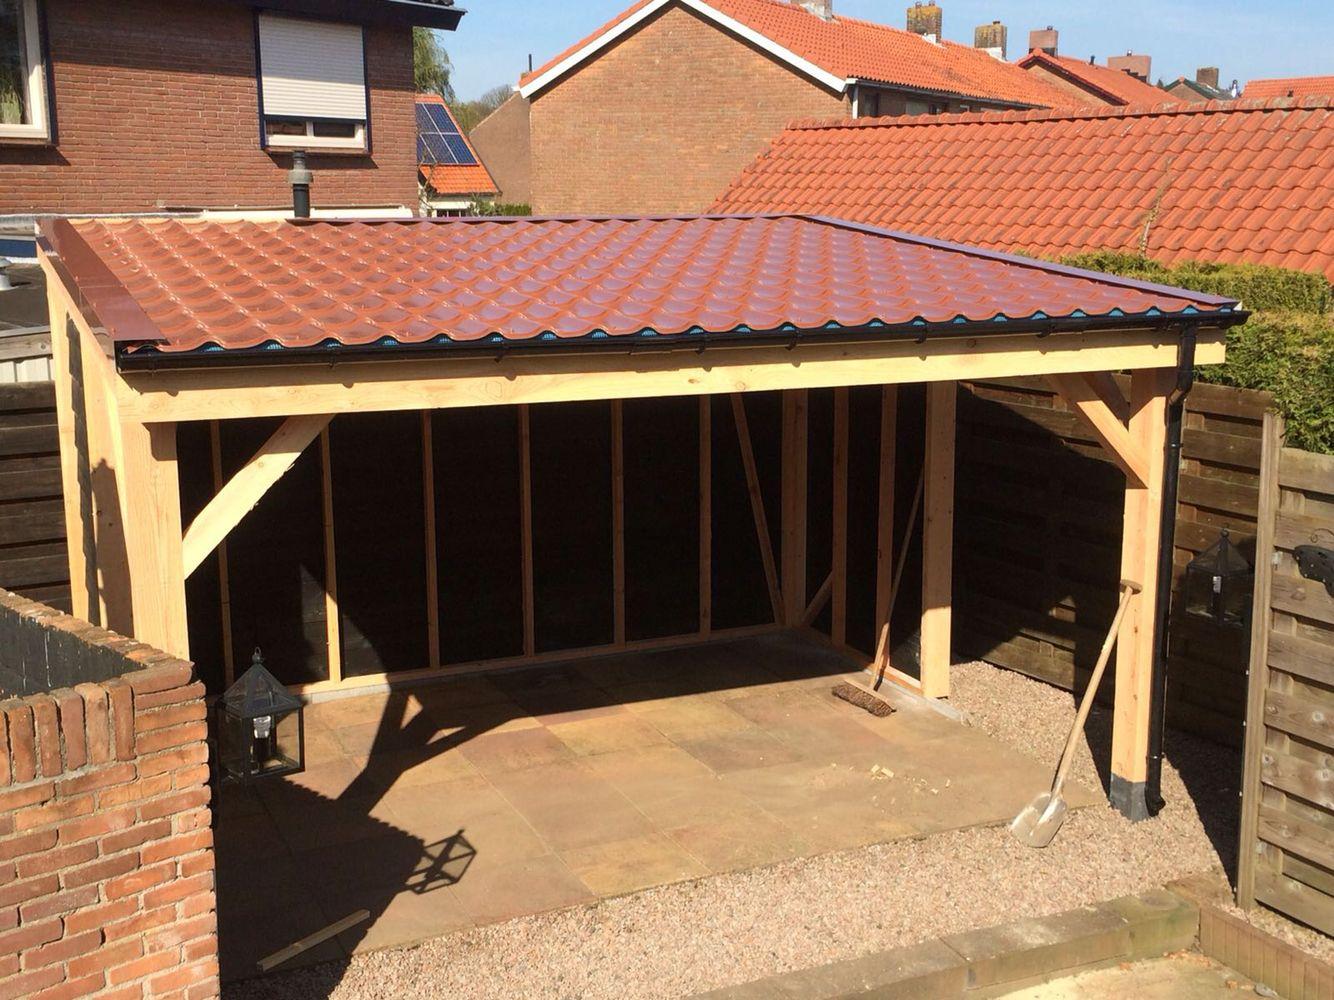 Overkapping op maat gemaakt van douglas hout met dakpanprofielplaten